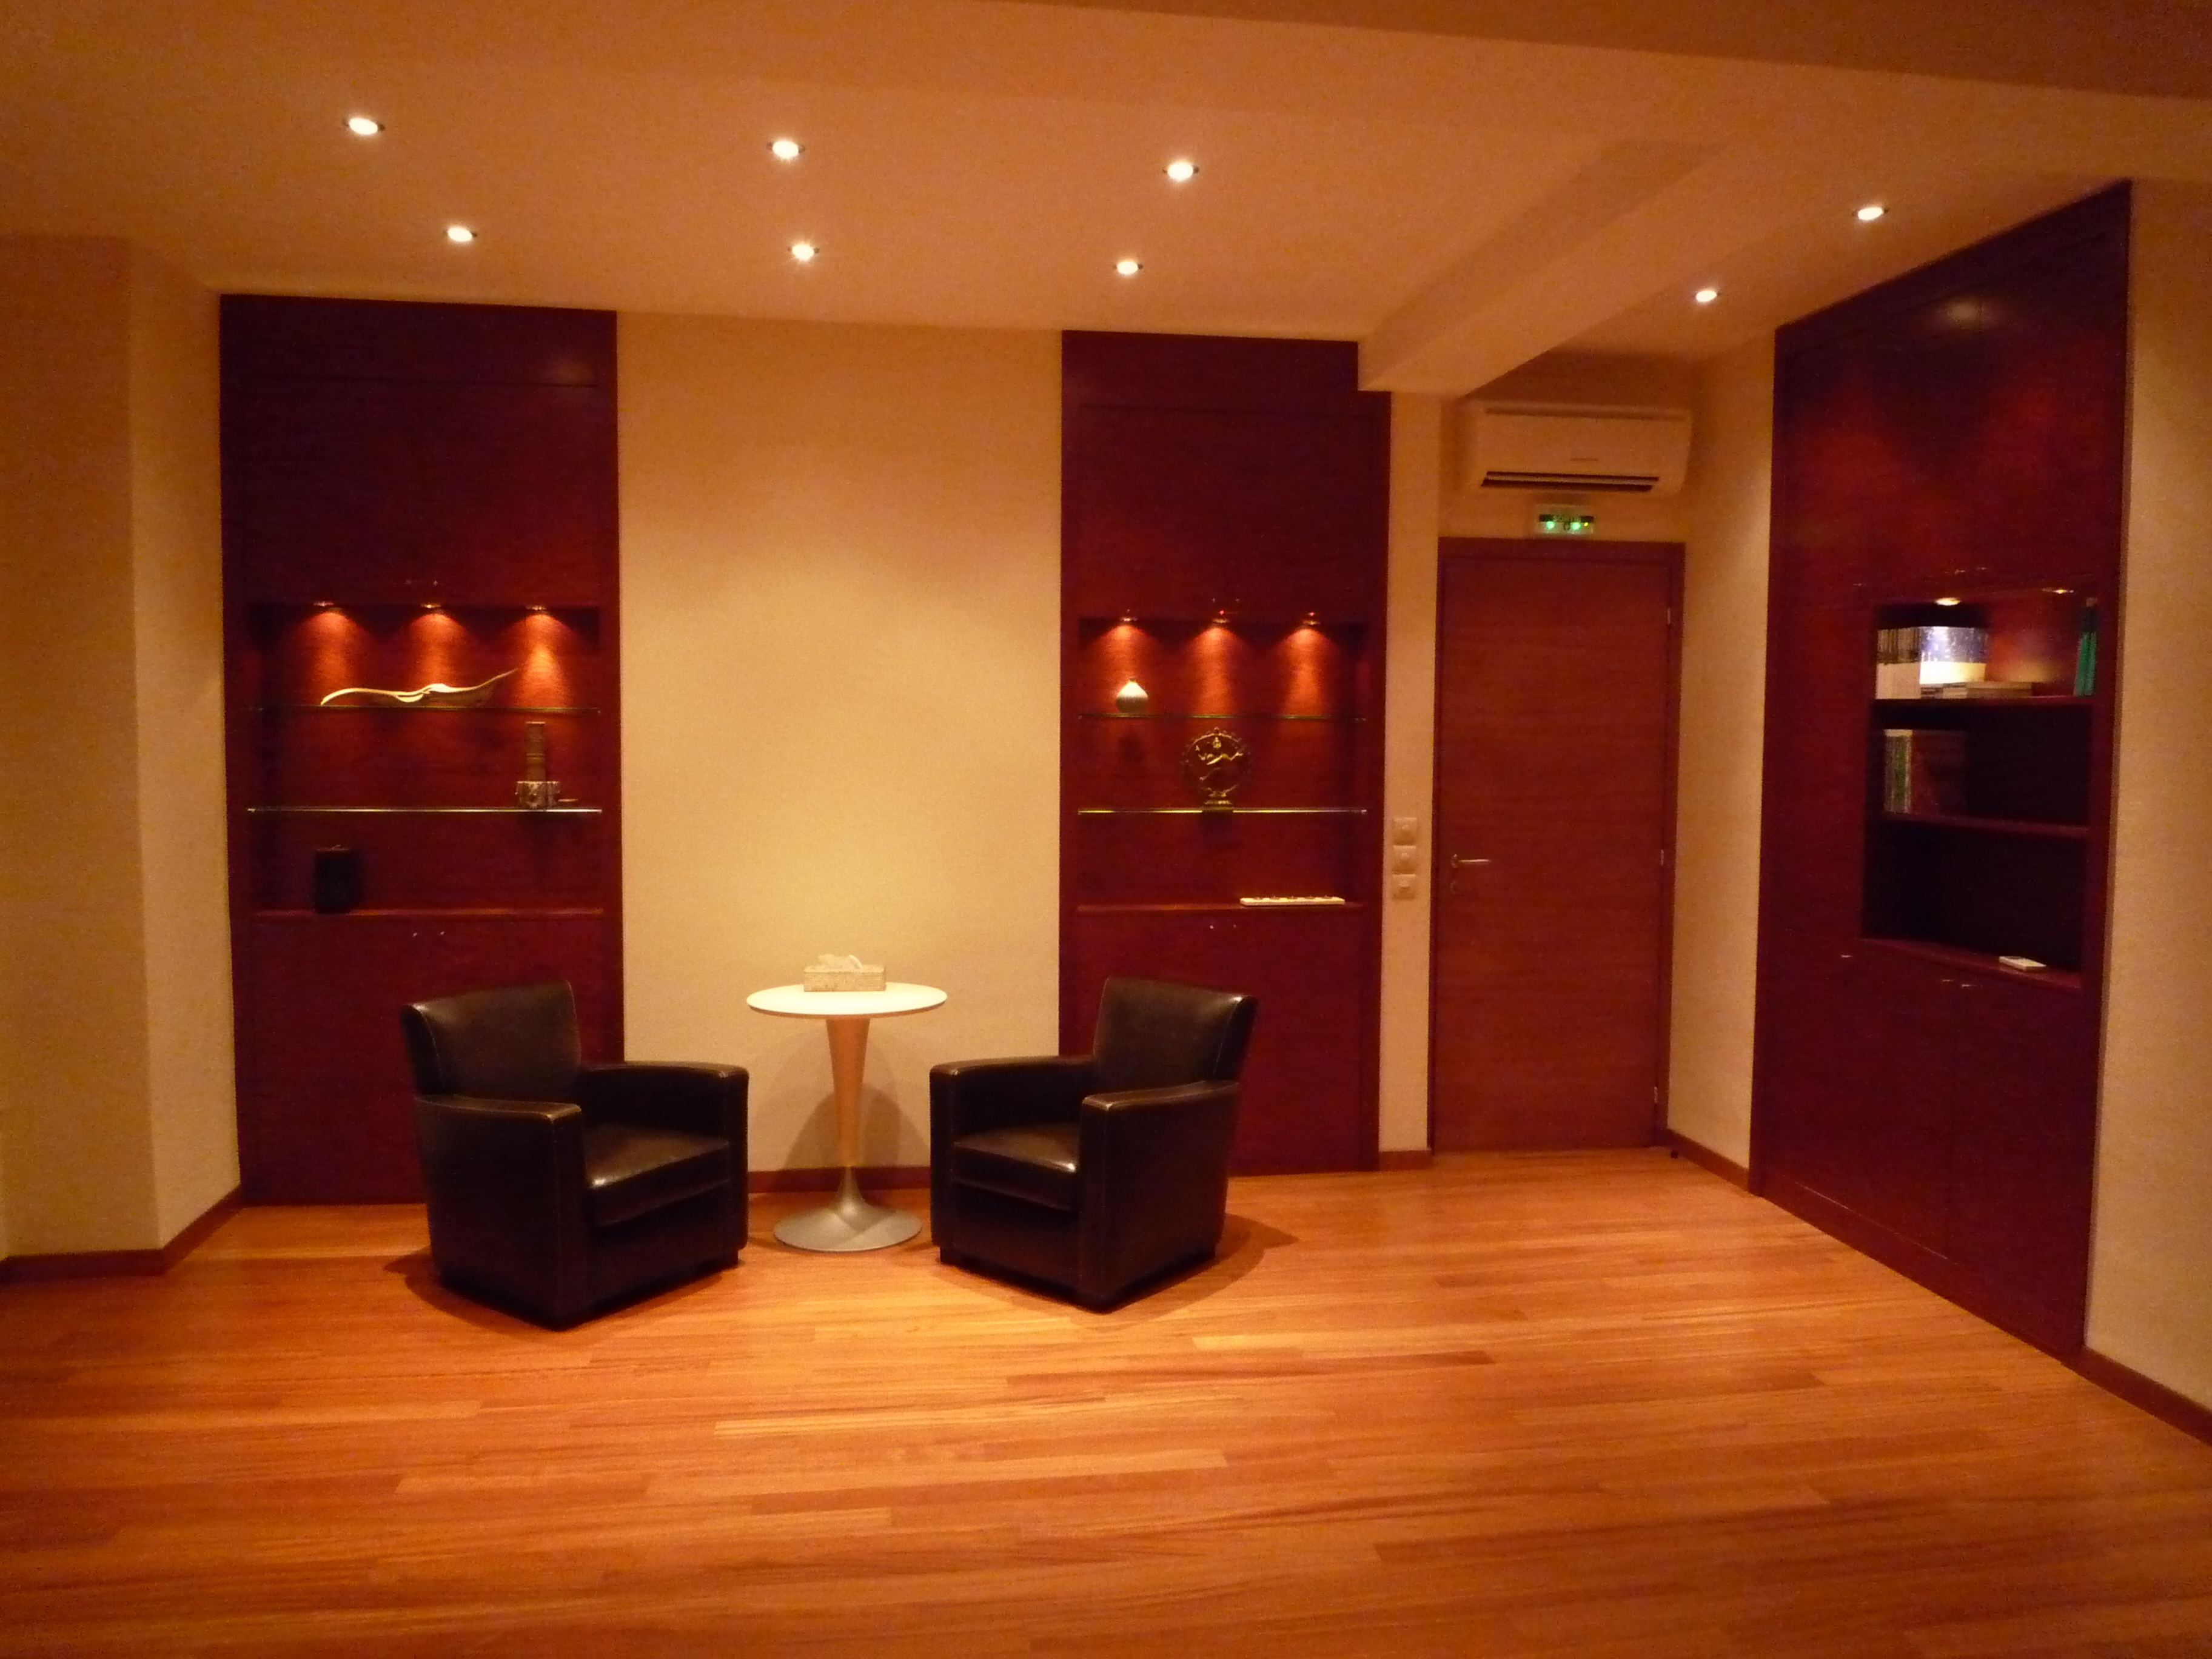 location de cabinets et salle de formation l 39 heure beausoleil 06240 petites annonces. Black Bedroom Furniture Sets. Home Design Ideas